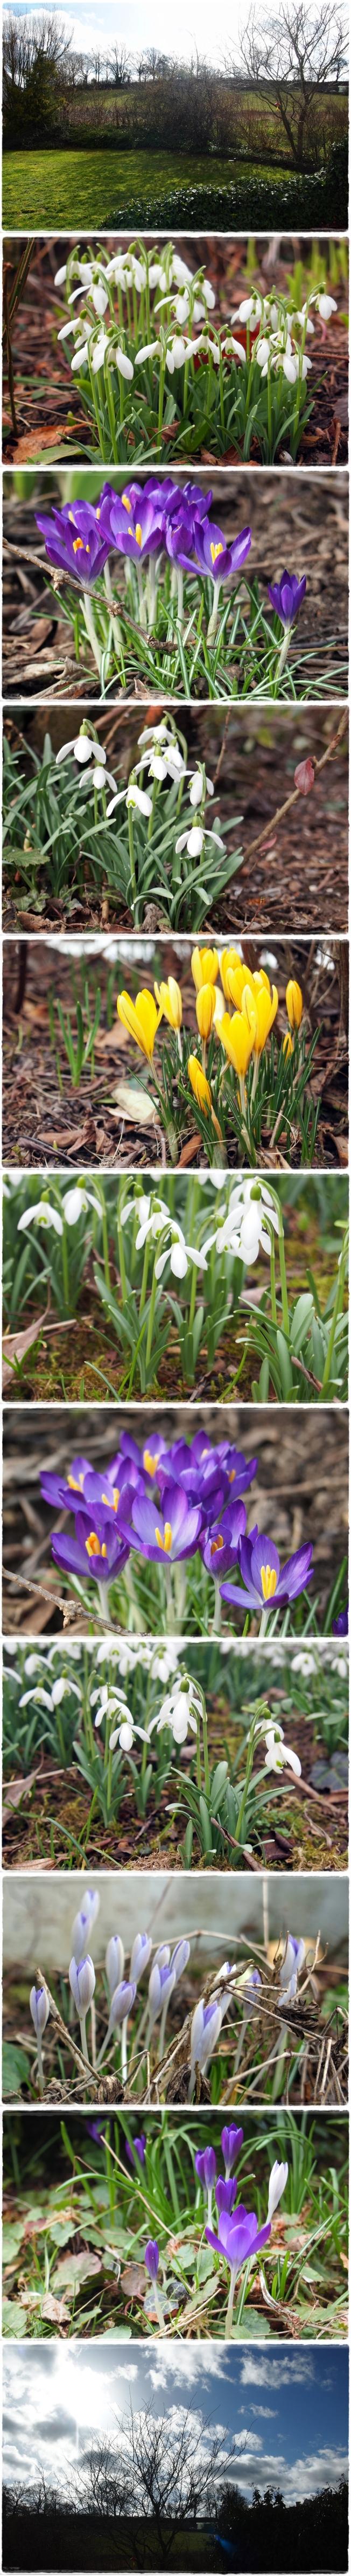 Frühlingshaftes